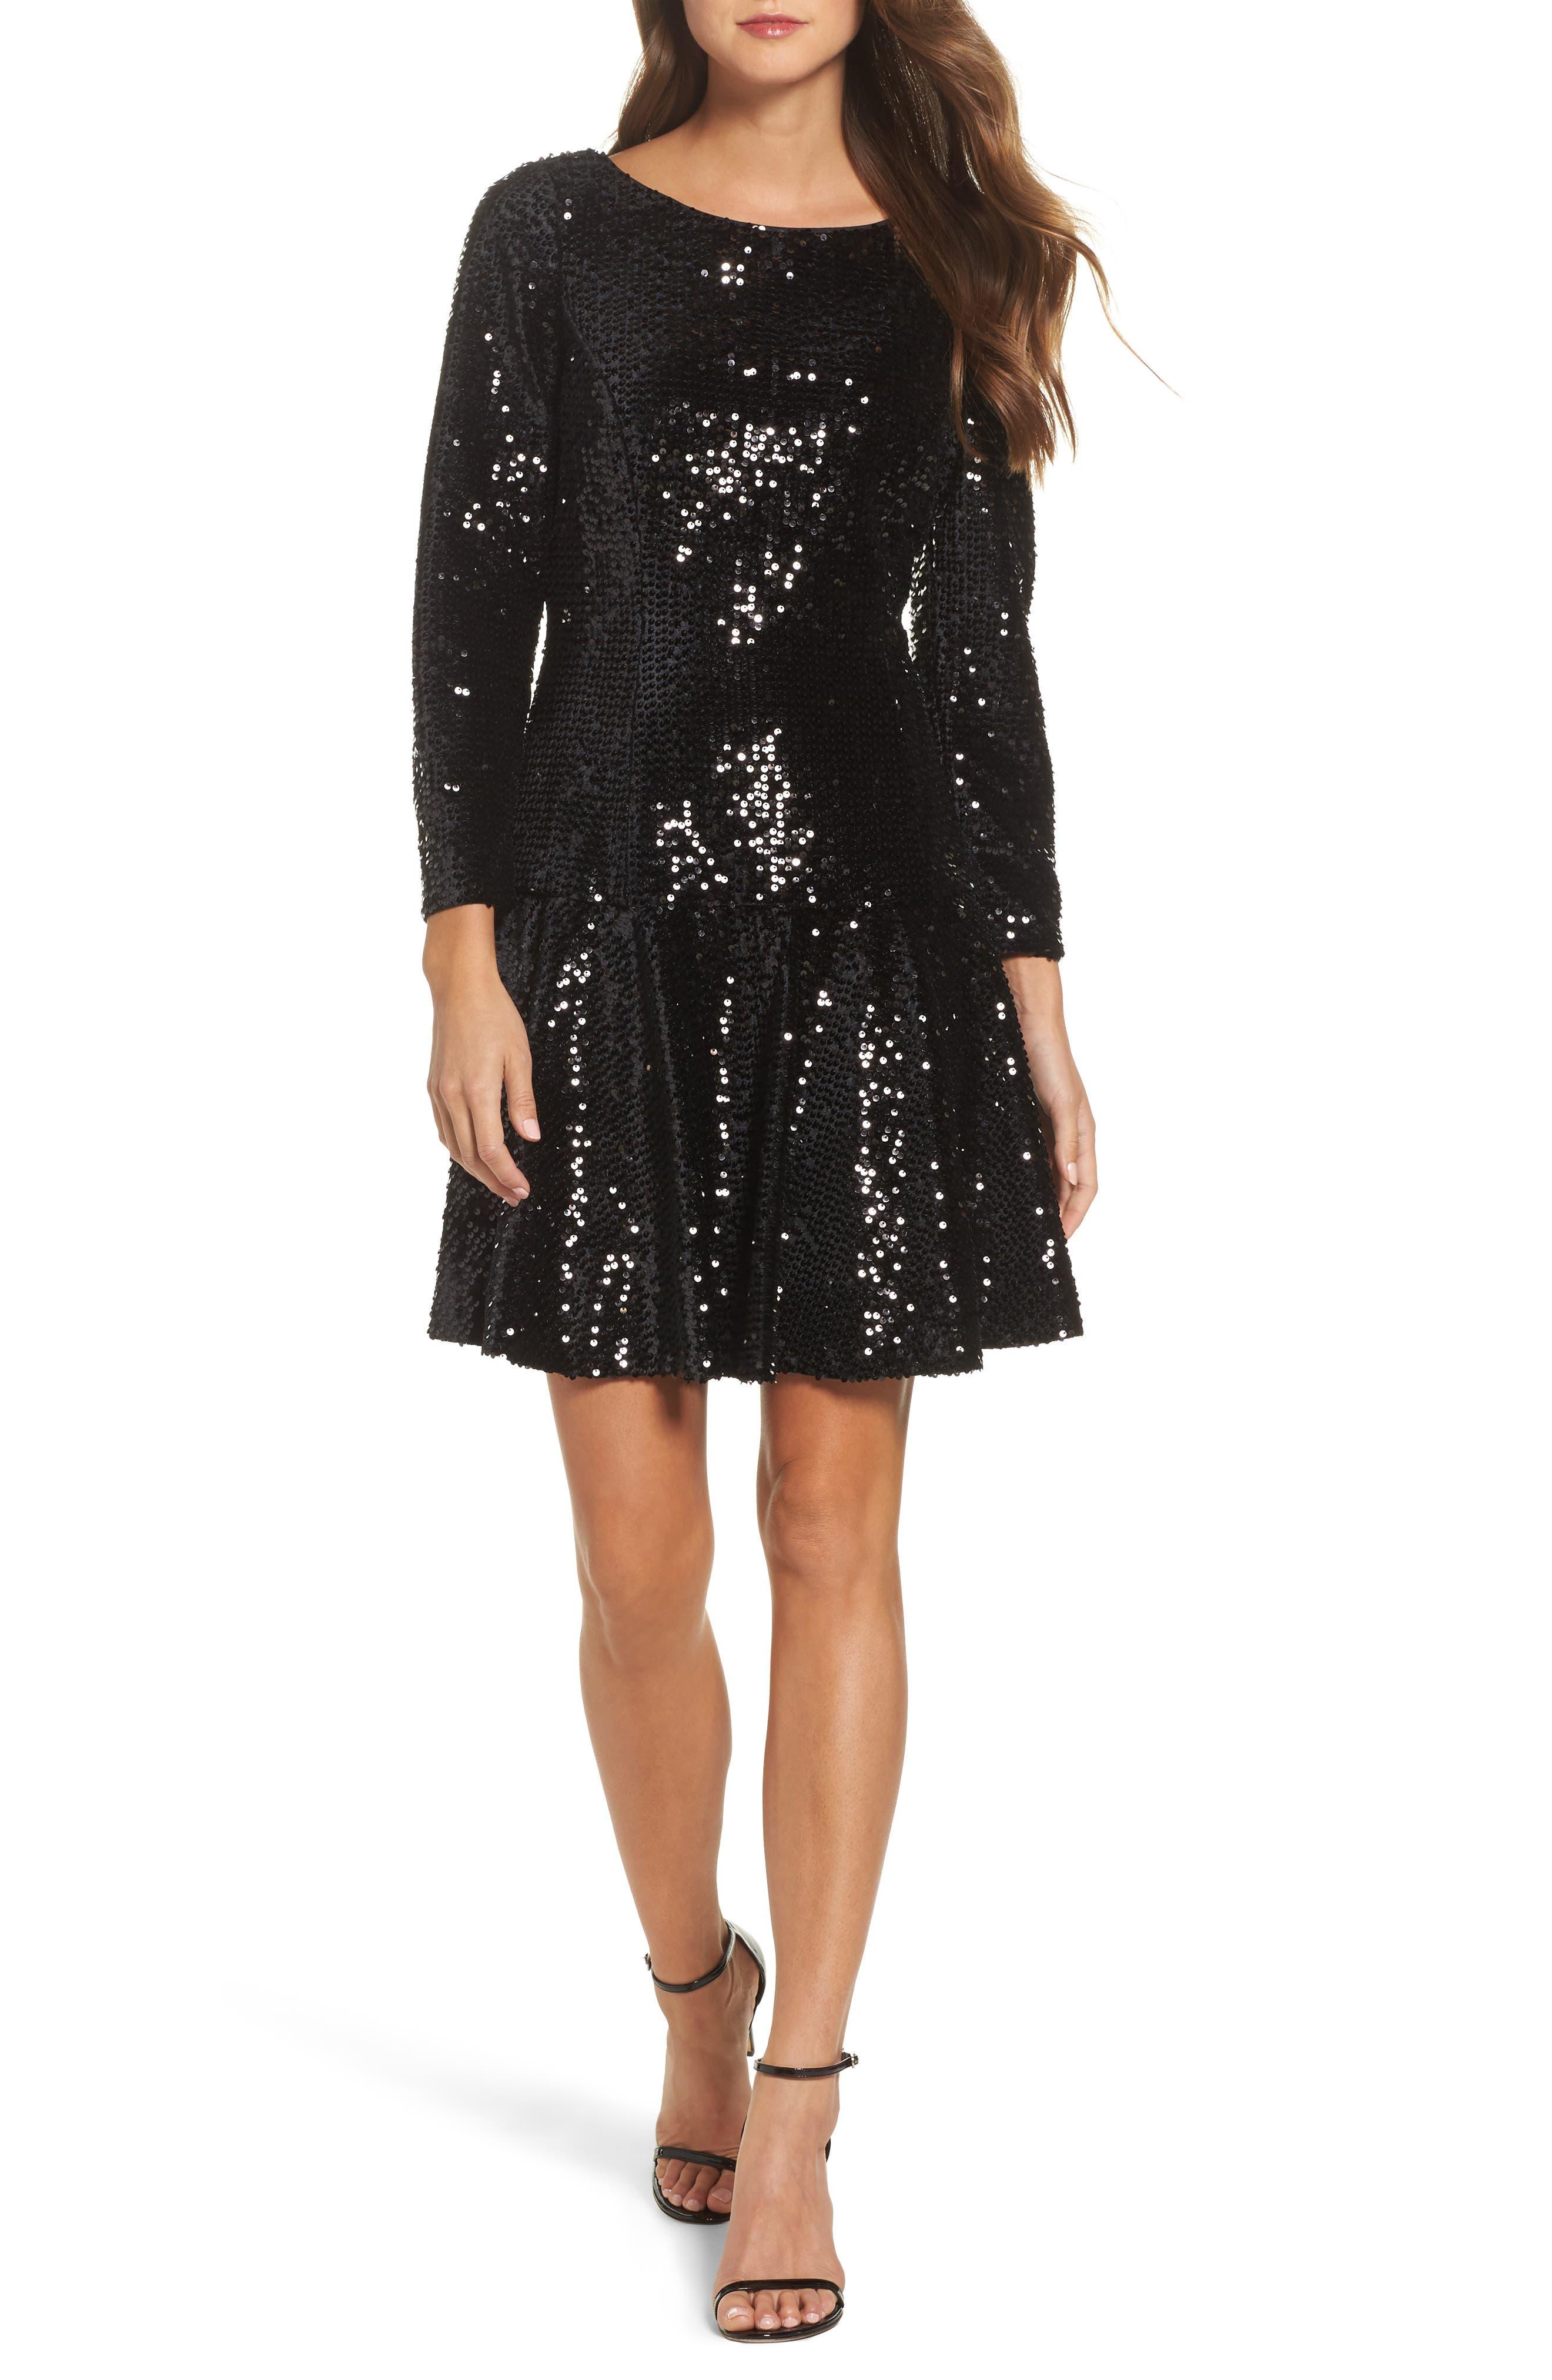 Alternate Image 1 Selected - Eliza J Sequin Fit & Flare Dress